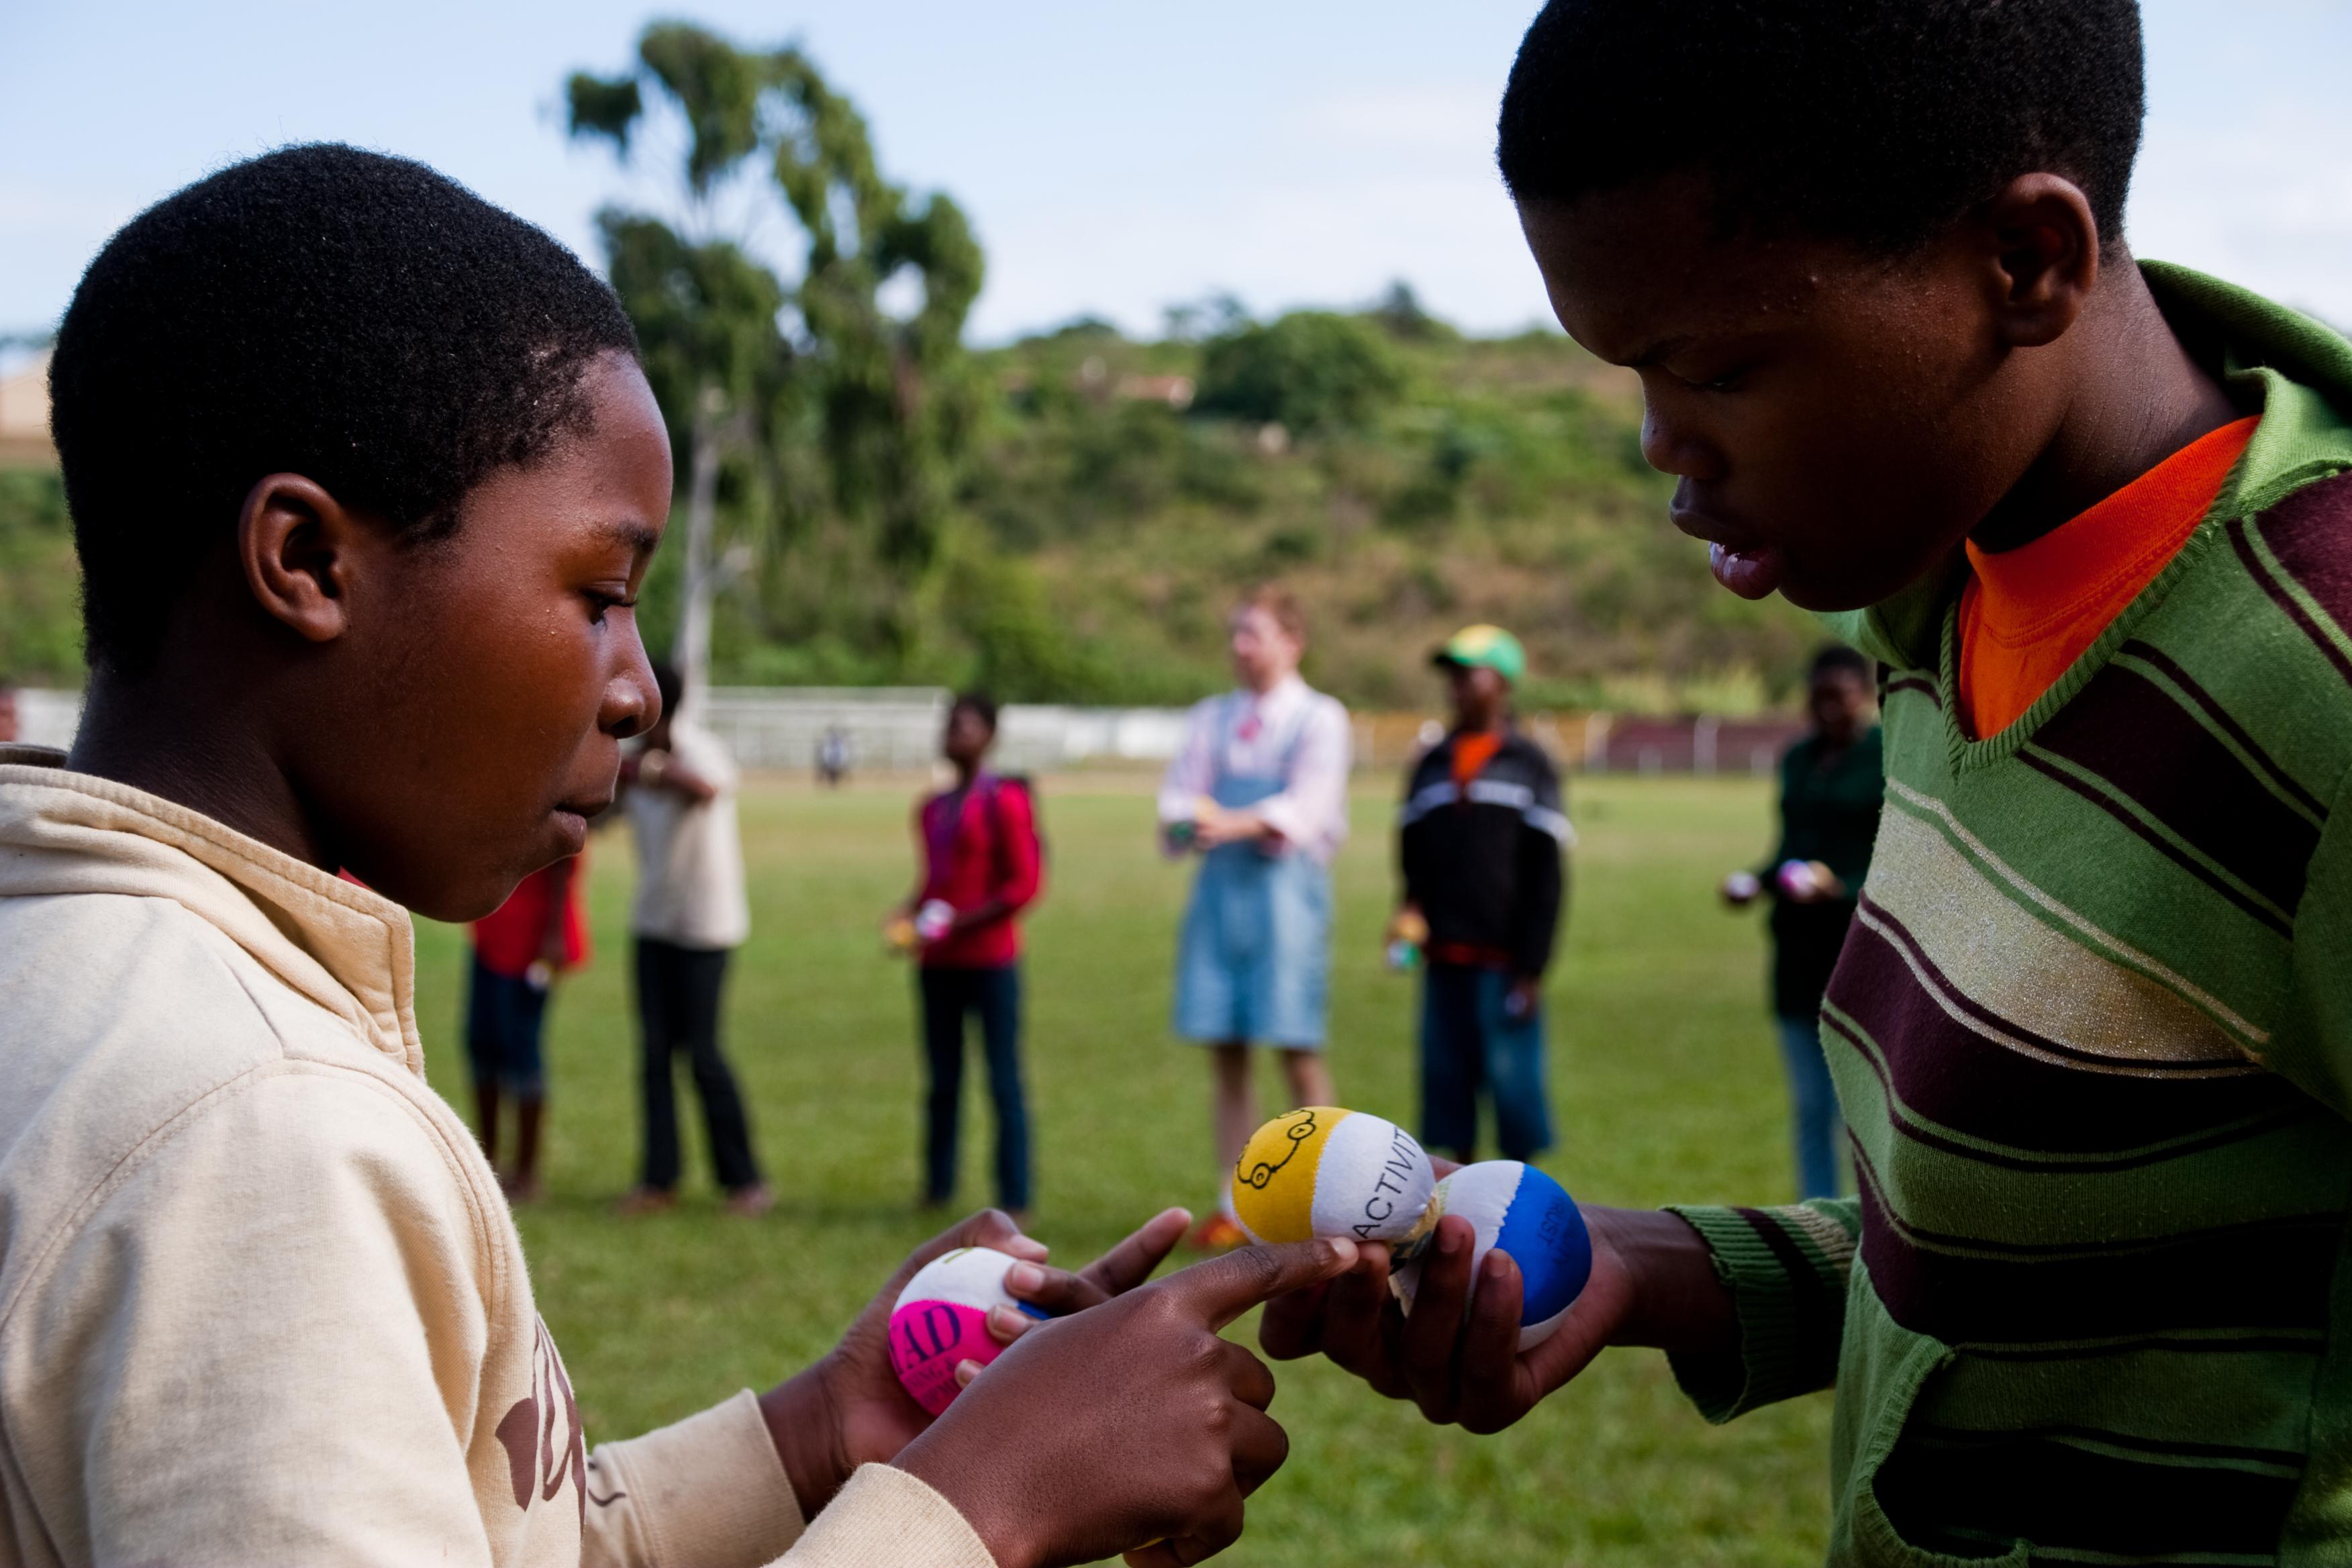 Swaziland 2010 | CWBSA